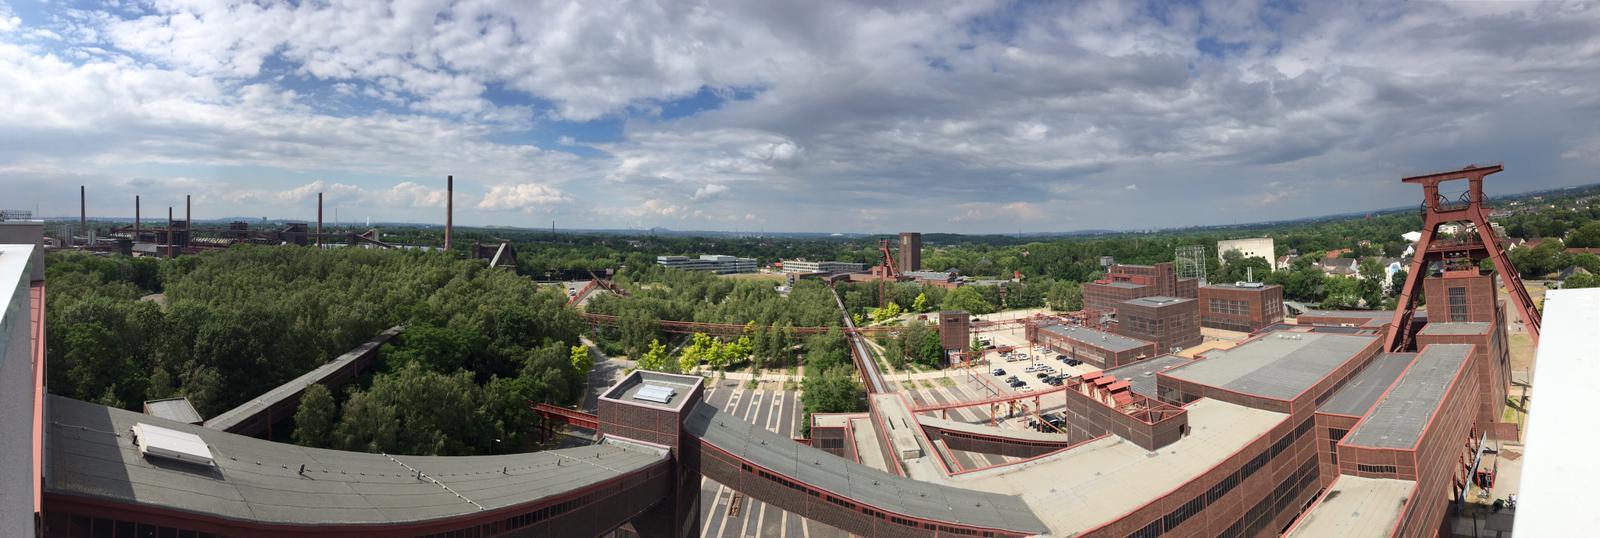 Zollverein Panorama